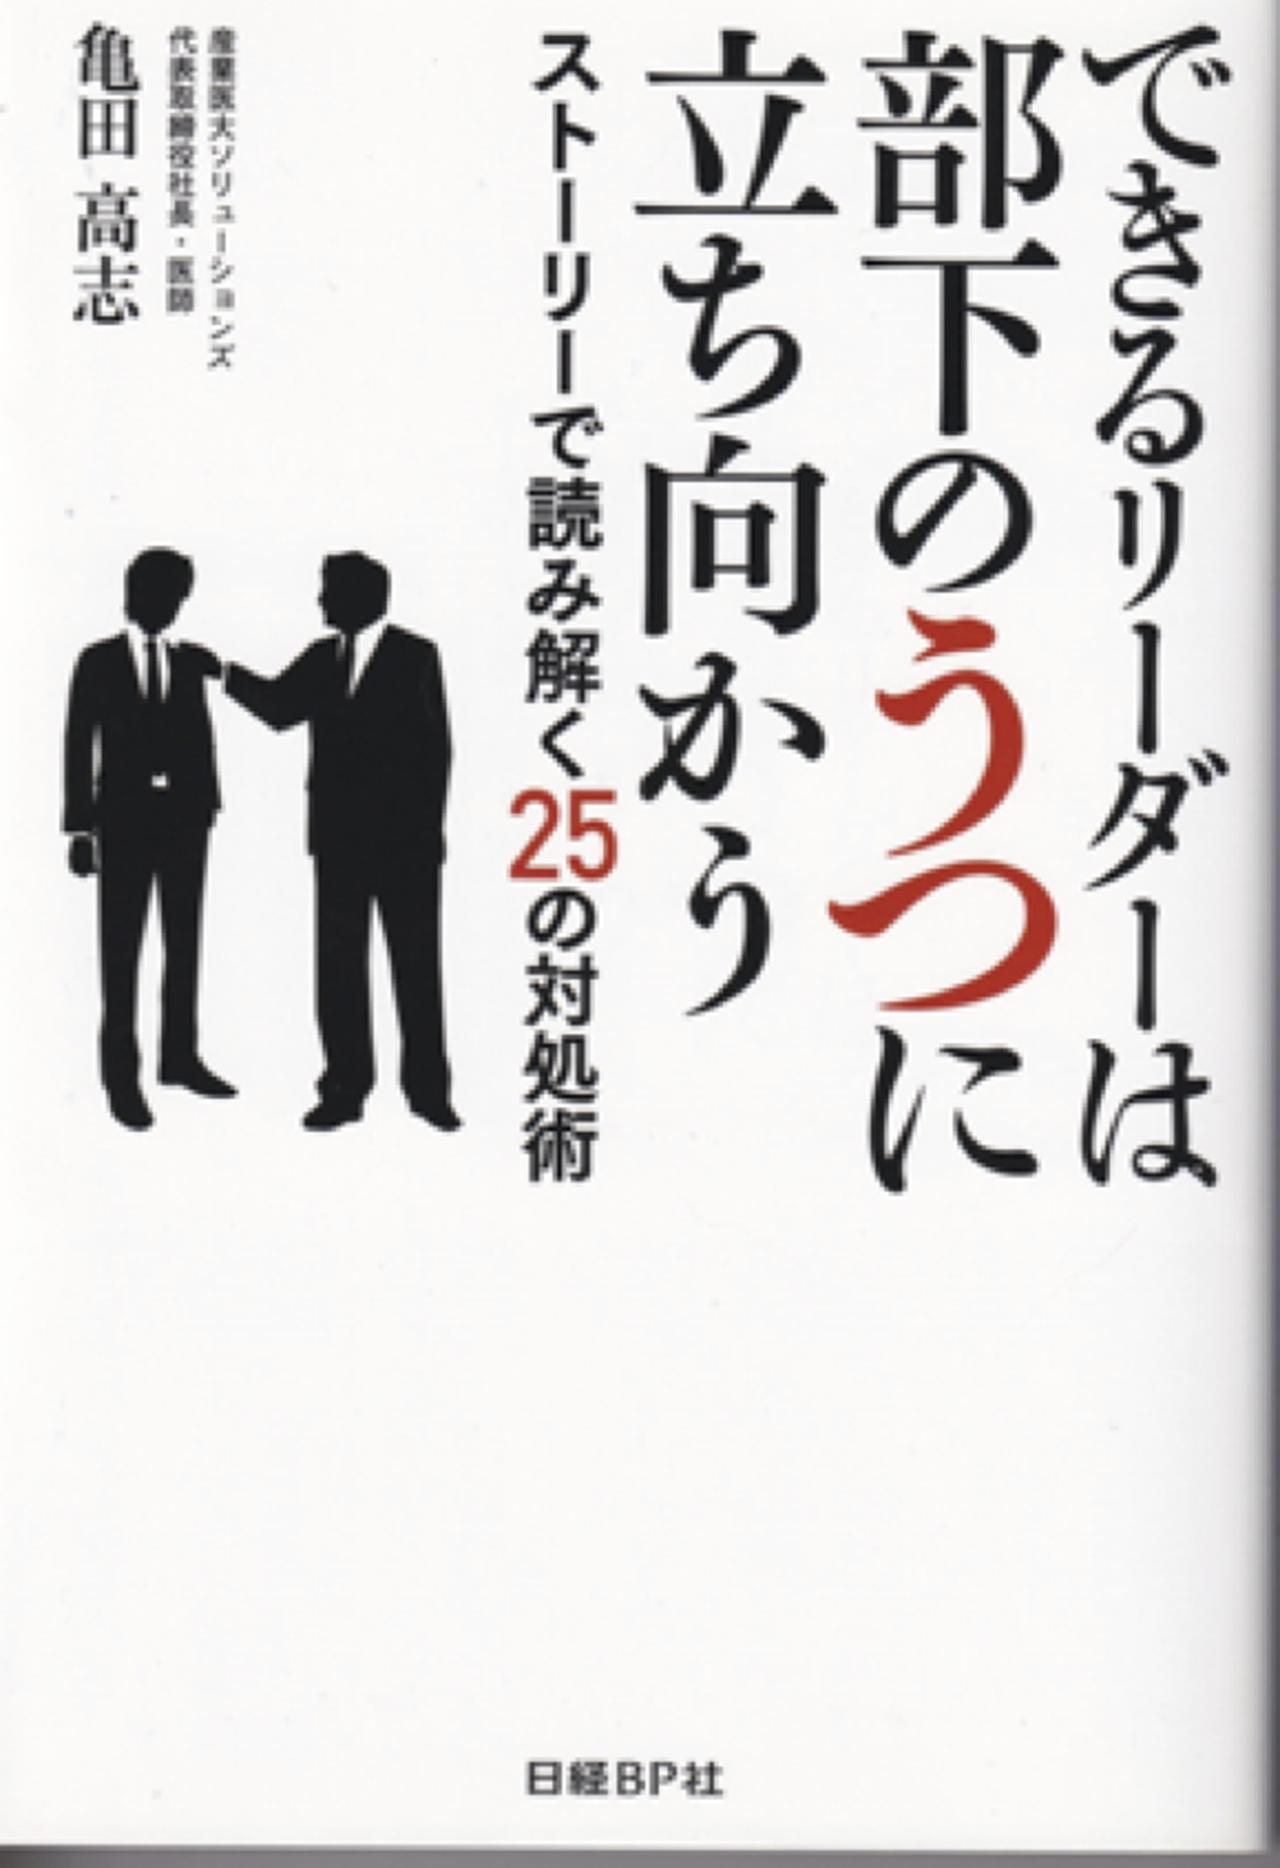 画像: 【BOOKレビュー】チームの強化に役立ちそうな本──勝手にレビュー #006 『できるリーダーは部下のうつに立ち向かう』